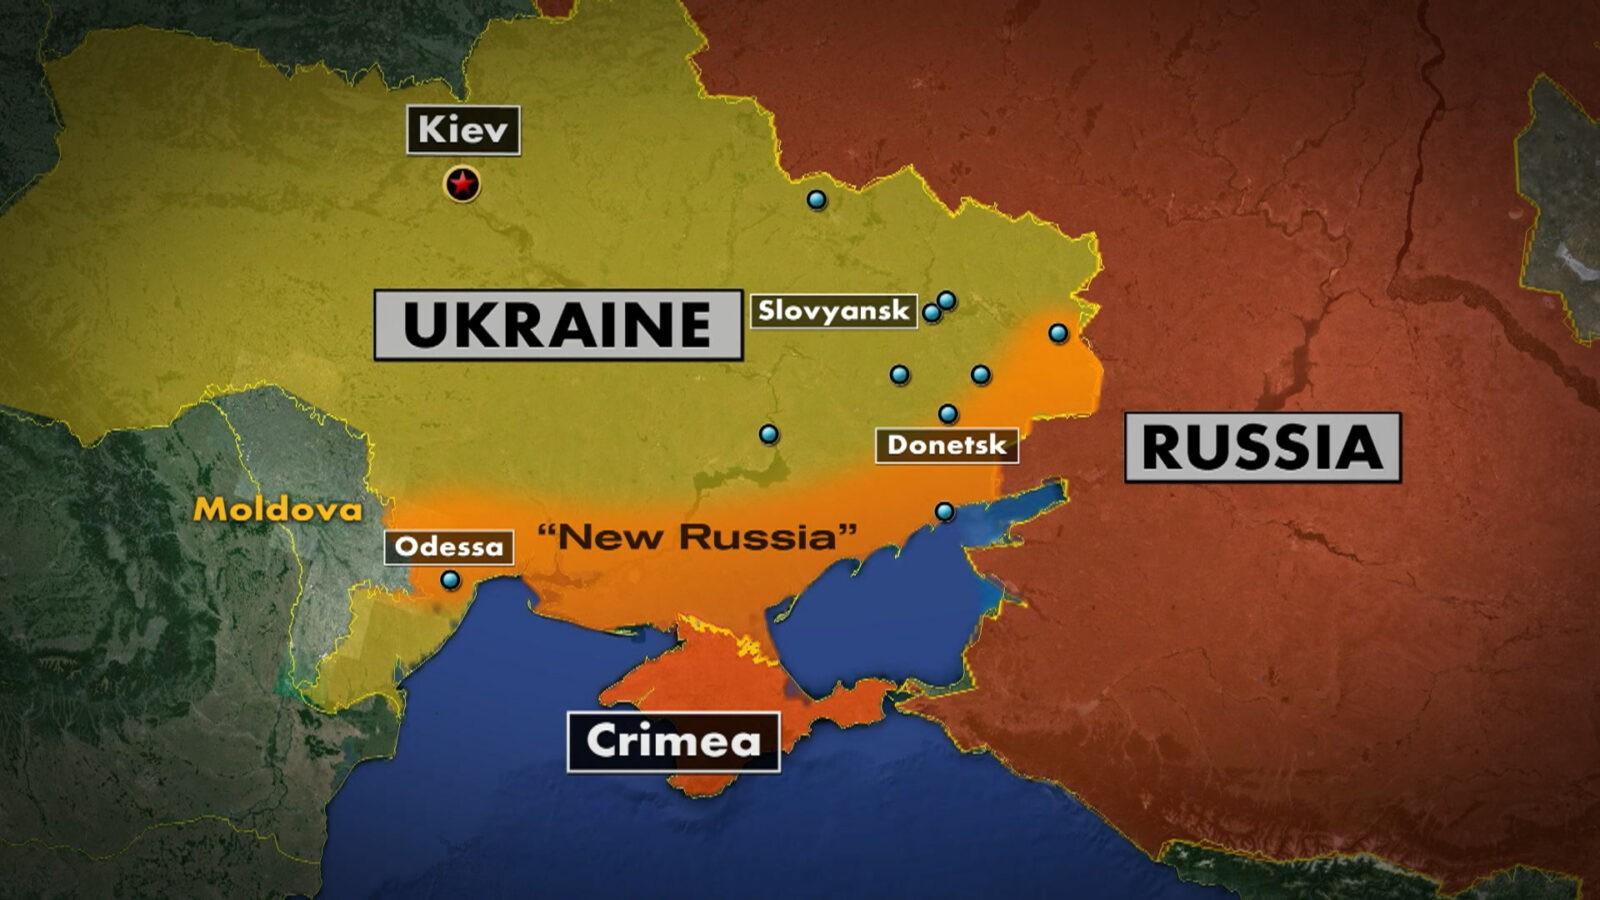 Штаты будут играть на обострение, используя Украину как плацдарм для удара